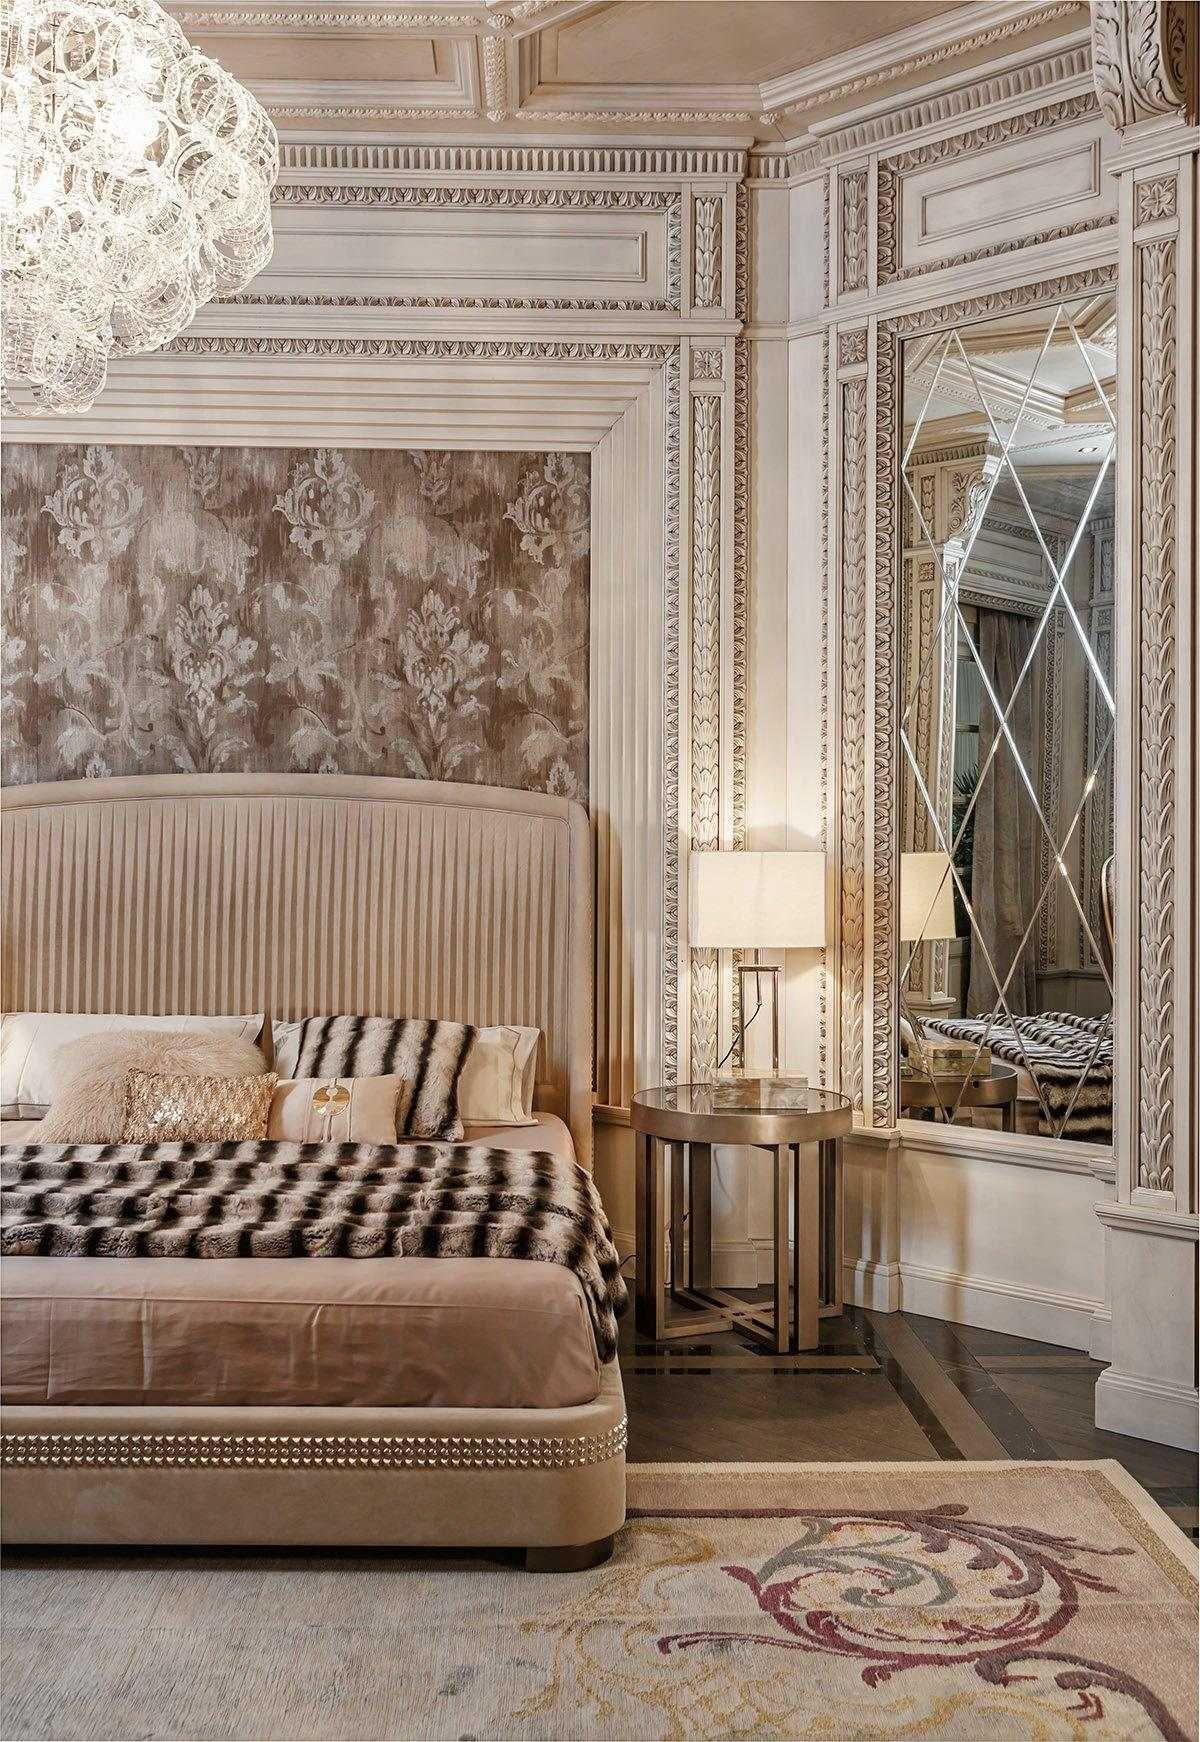 Neoklassische Und Features Art Deco In Zwei Luxuriose